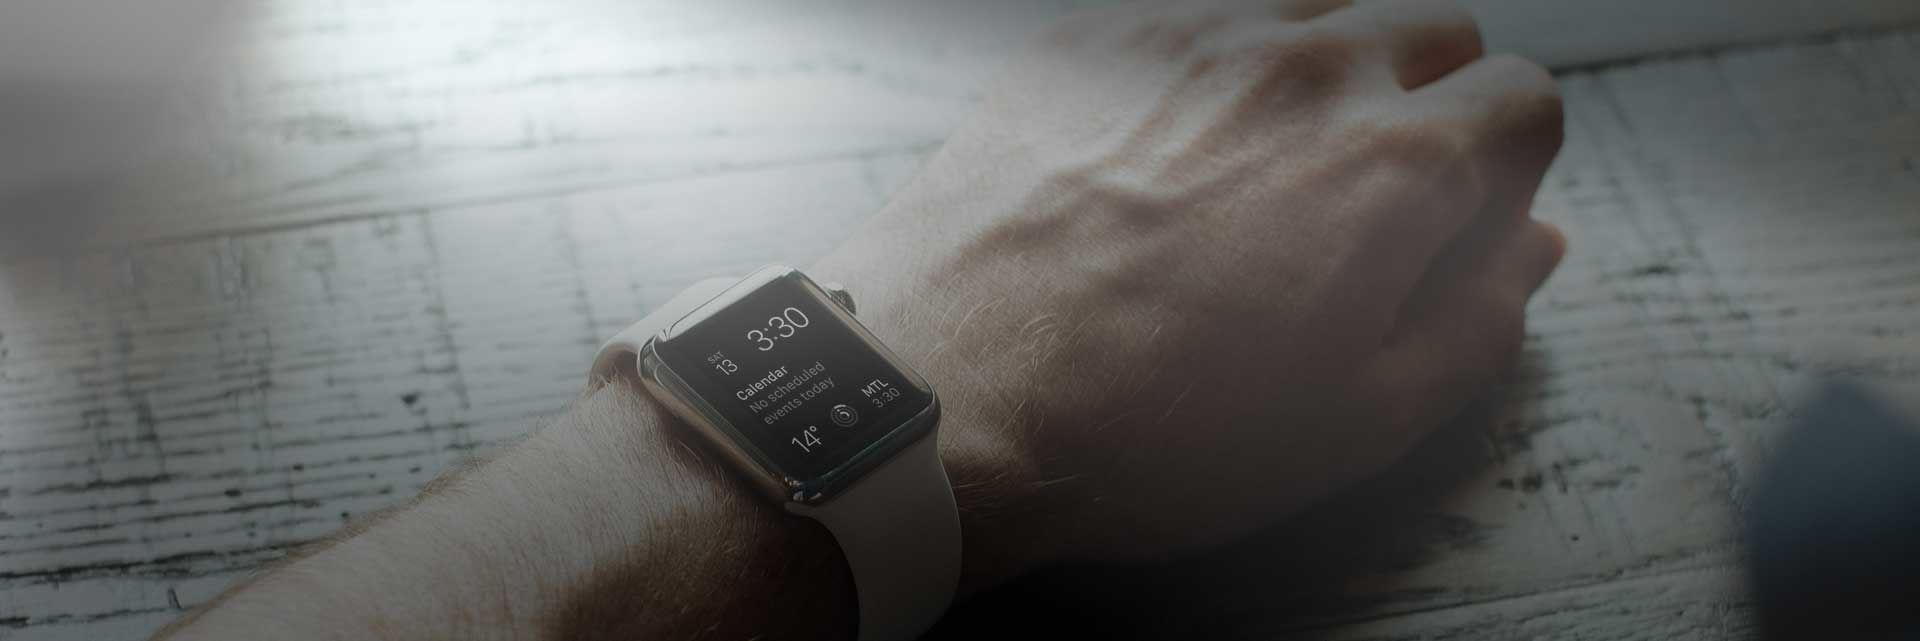 Wearable app development company   hire wearable app developer